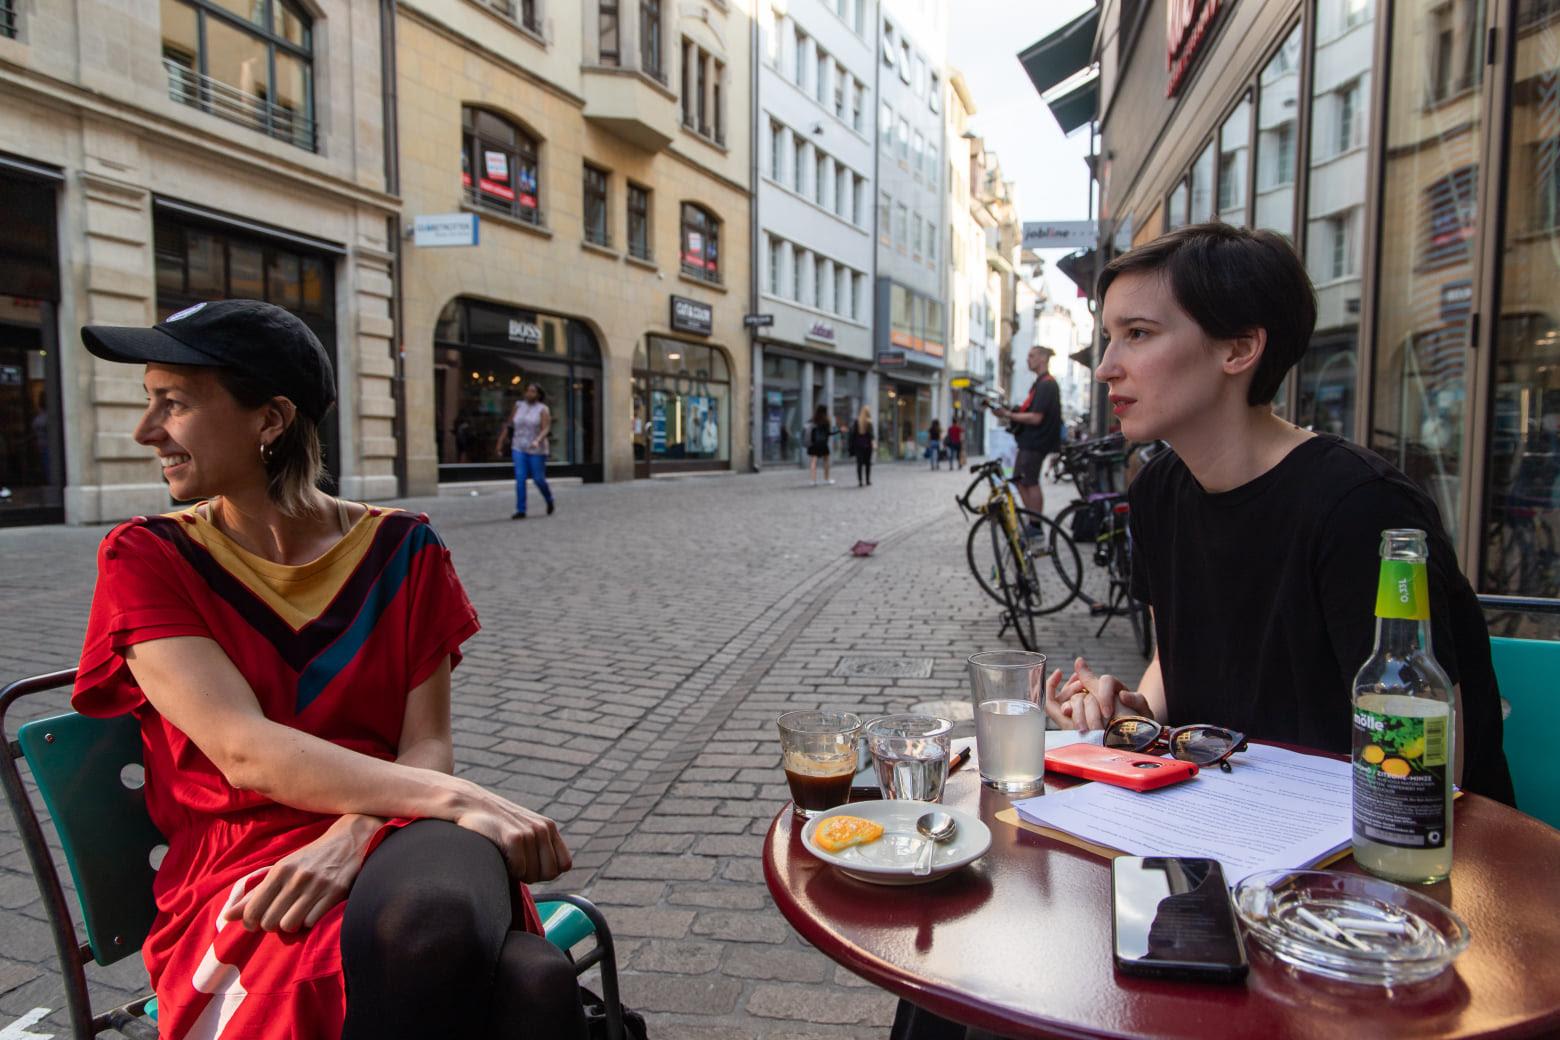 Bei Blasphemic Reading Soirée werden akademische Texte mit queer-feministischem Blick gelesen